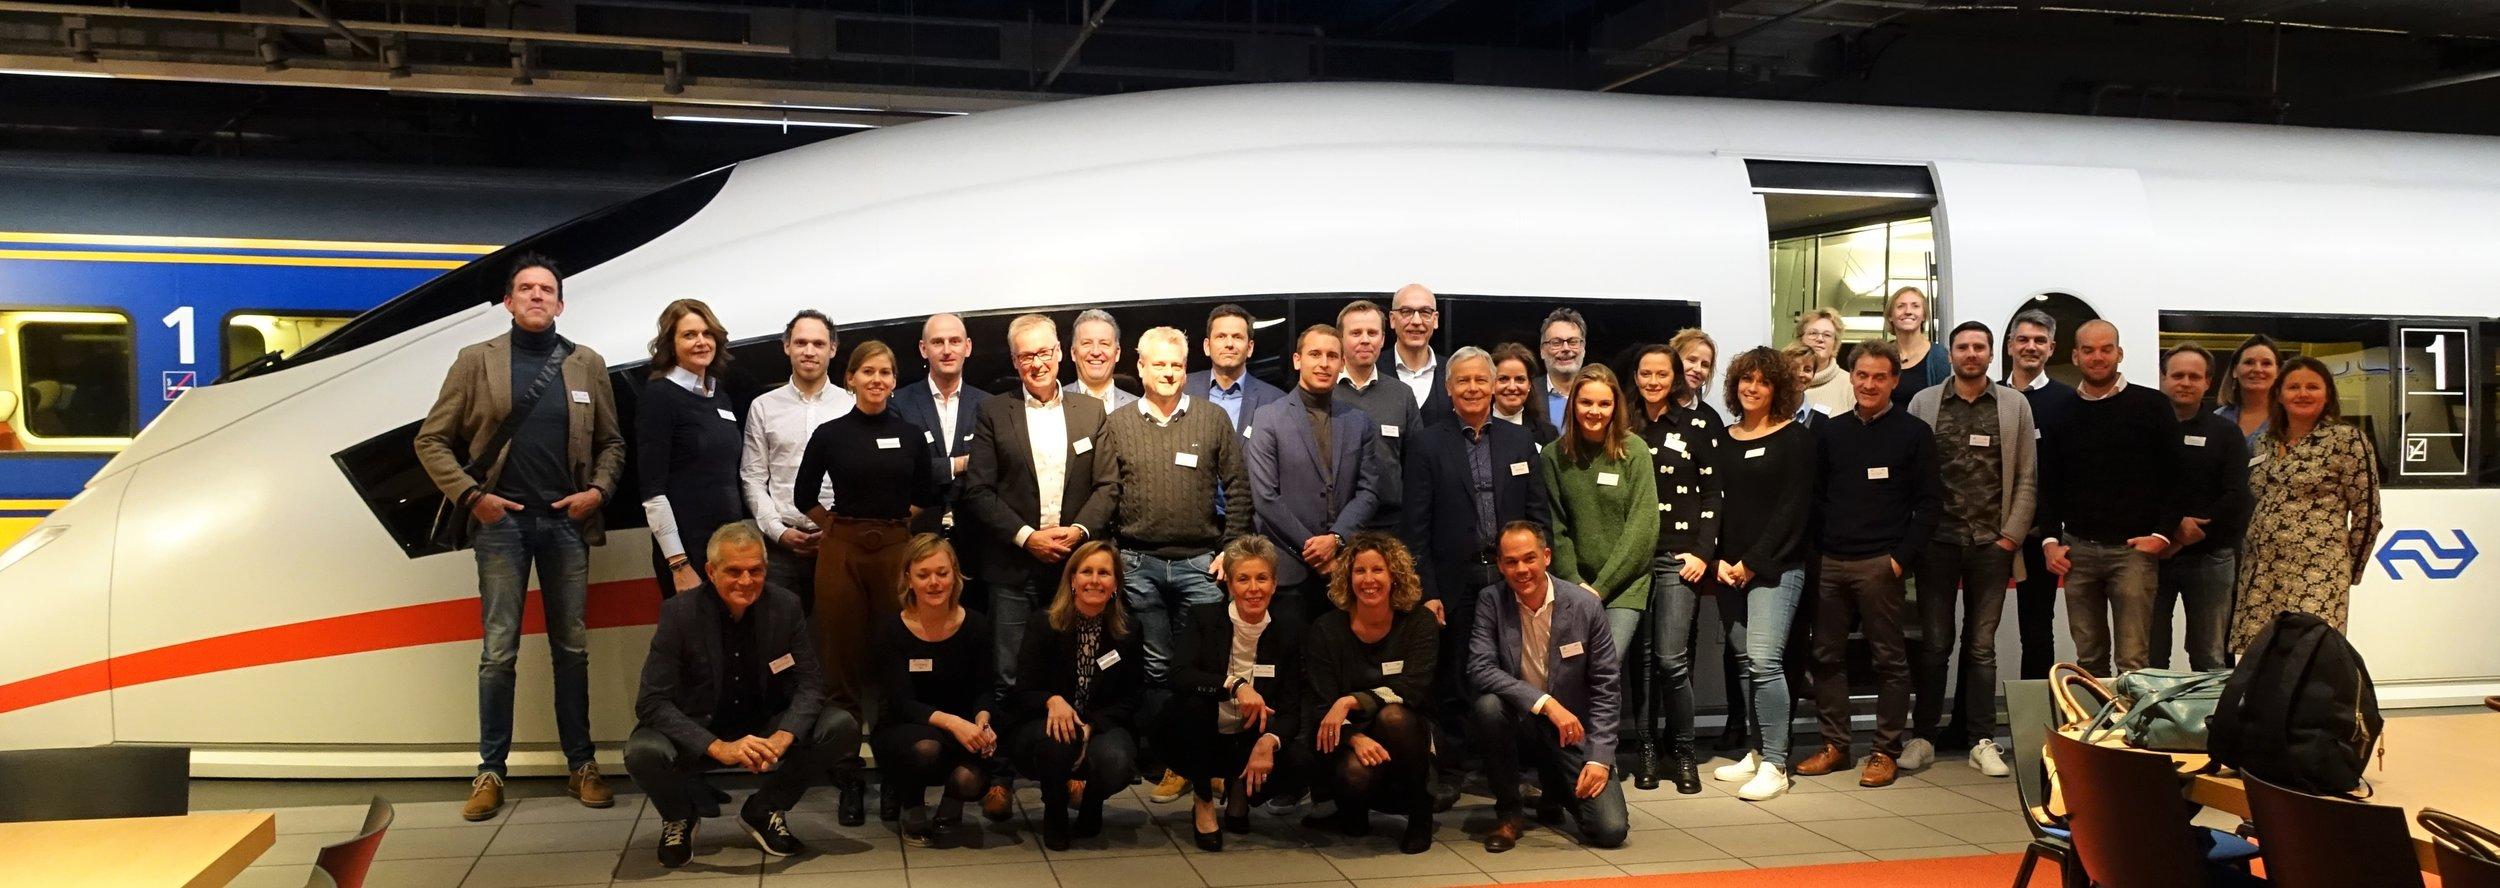 Op 21 november waren The Touchables te gast bij de Nederlandse Spoorwegen. Maar liefst 40 inschrijvers voor deze sessie vonden hun weg naar congrescentrum NS Trefpunt in Utrecht. Naast veel leden zagen we ook nieuwe gezichten!